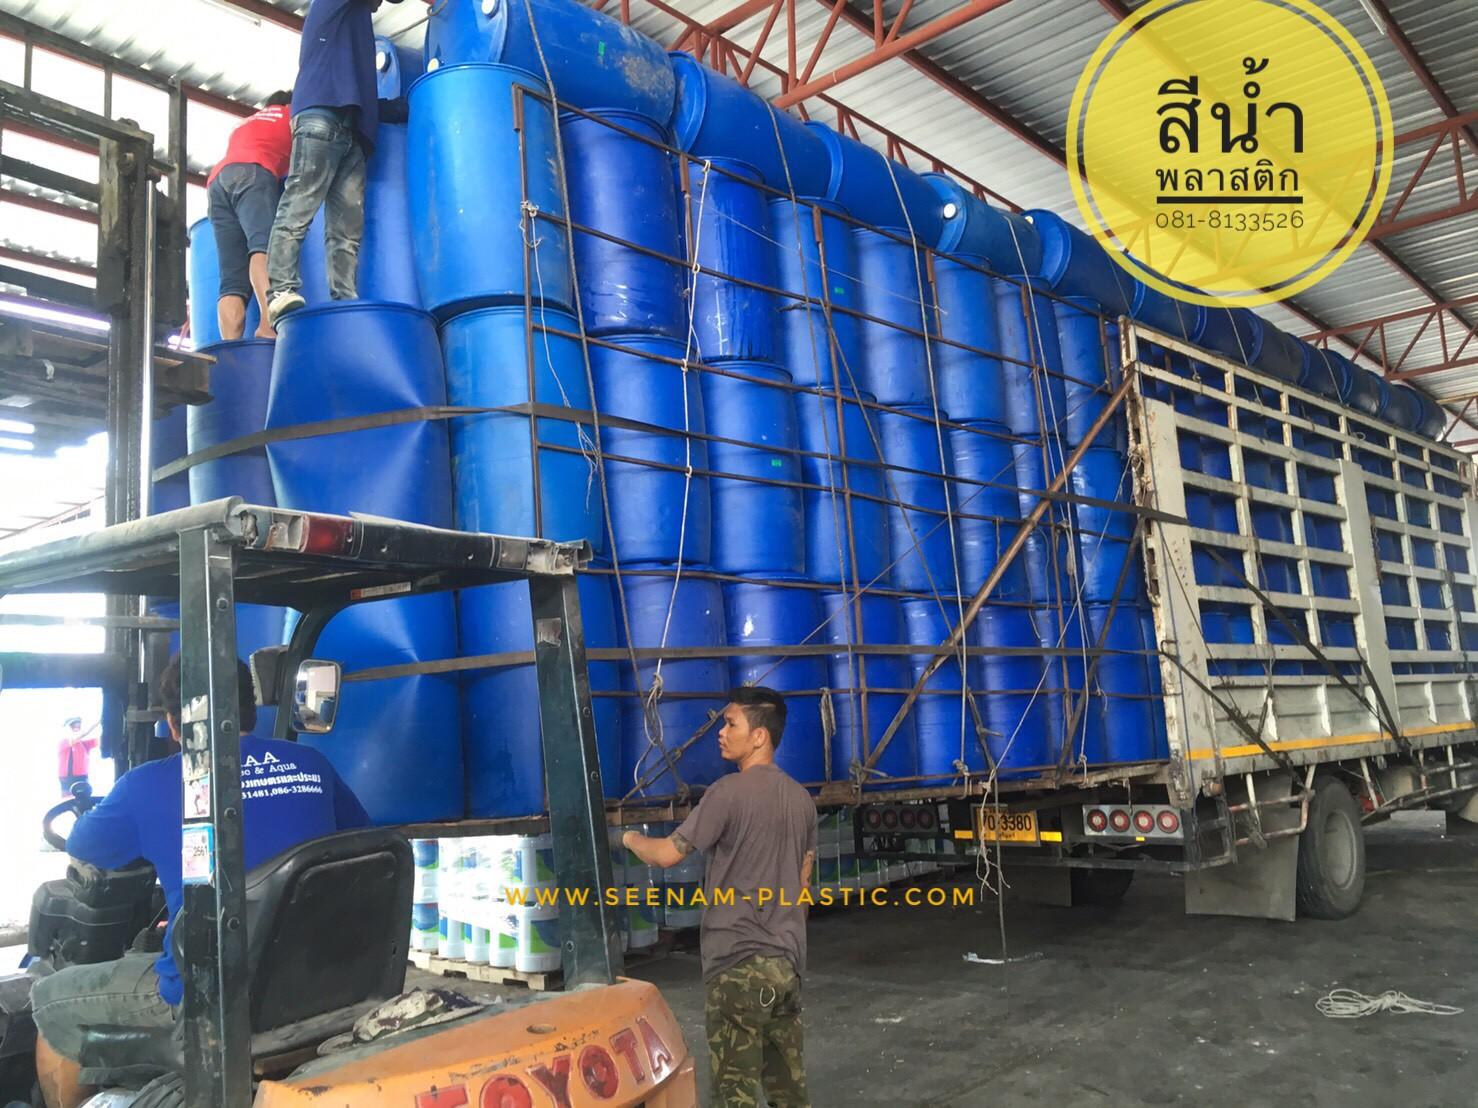 ถังขยะ200ลิตร ถังขยะเคมี200ลิตร สีน้ำเงิน ถัง200ลิตร ถังเคมี200ลิตร